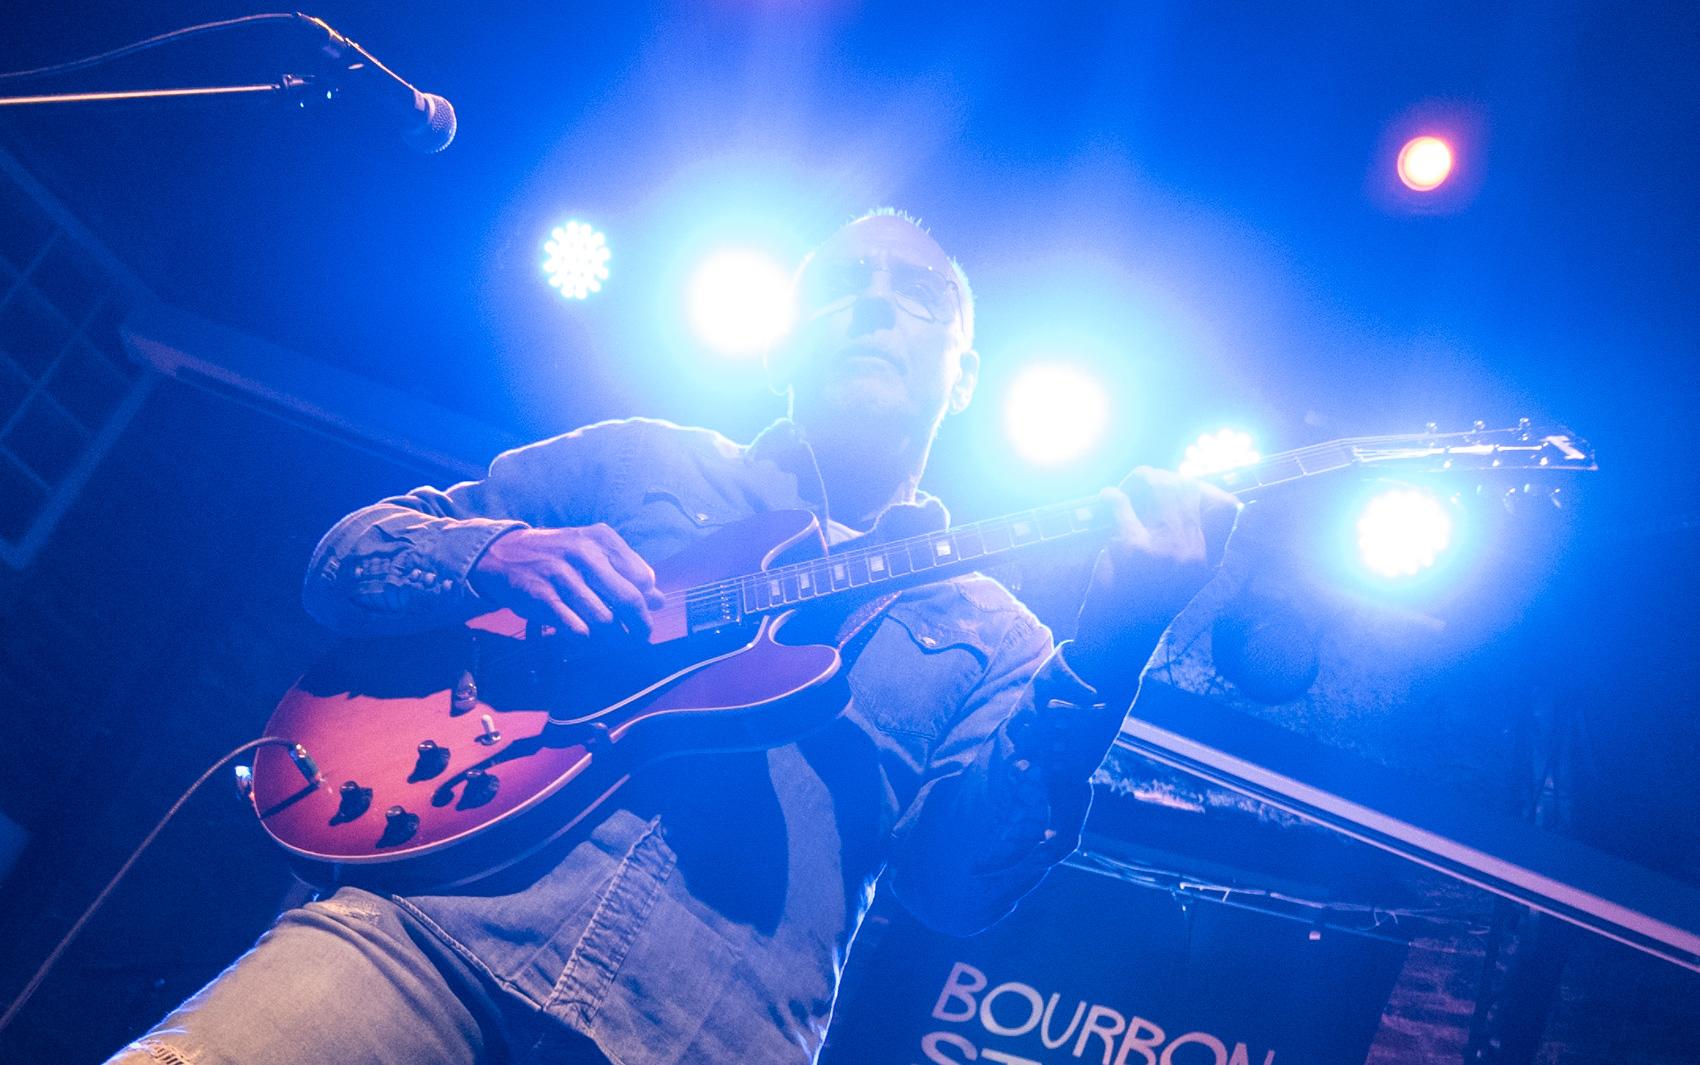 O guitarrista de jazz Larry Carlton toca no Bourbon Street, em Moema, Zona Sul de São Paulo, na noite de terça-feira (19). Ganhador de 4 Emmys e com participação em mais de 100 discos de ouro e platina, o guitarrista fez show único no Brasil após 33 anos